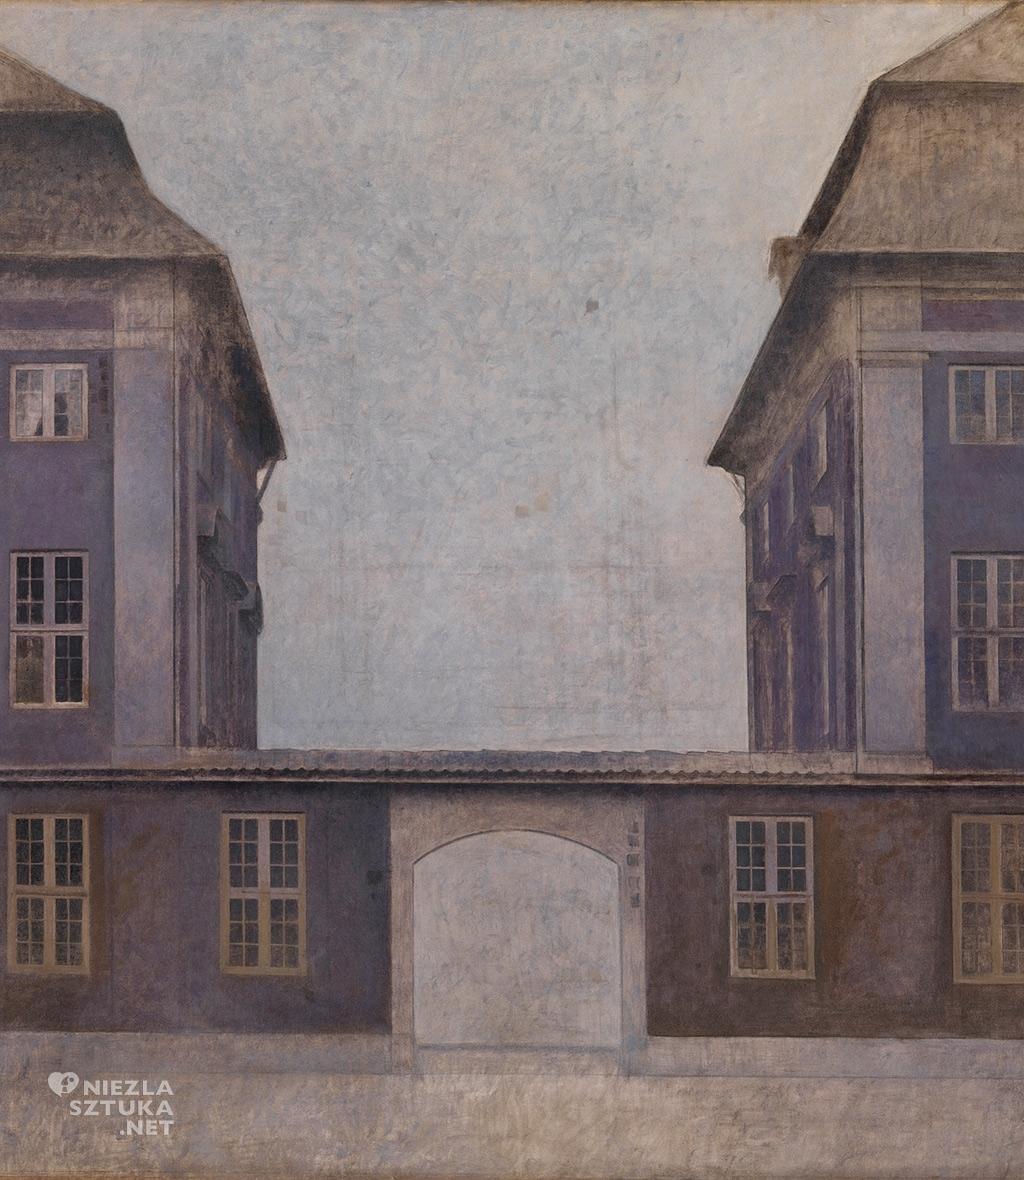 Vilhelm Hammershøi, Budynki azjatyckiej Spółki widziane z ulicy św. Anny, Kopenhaga 1902